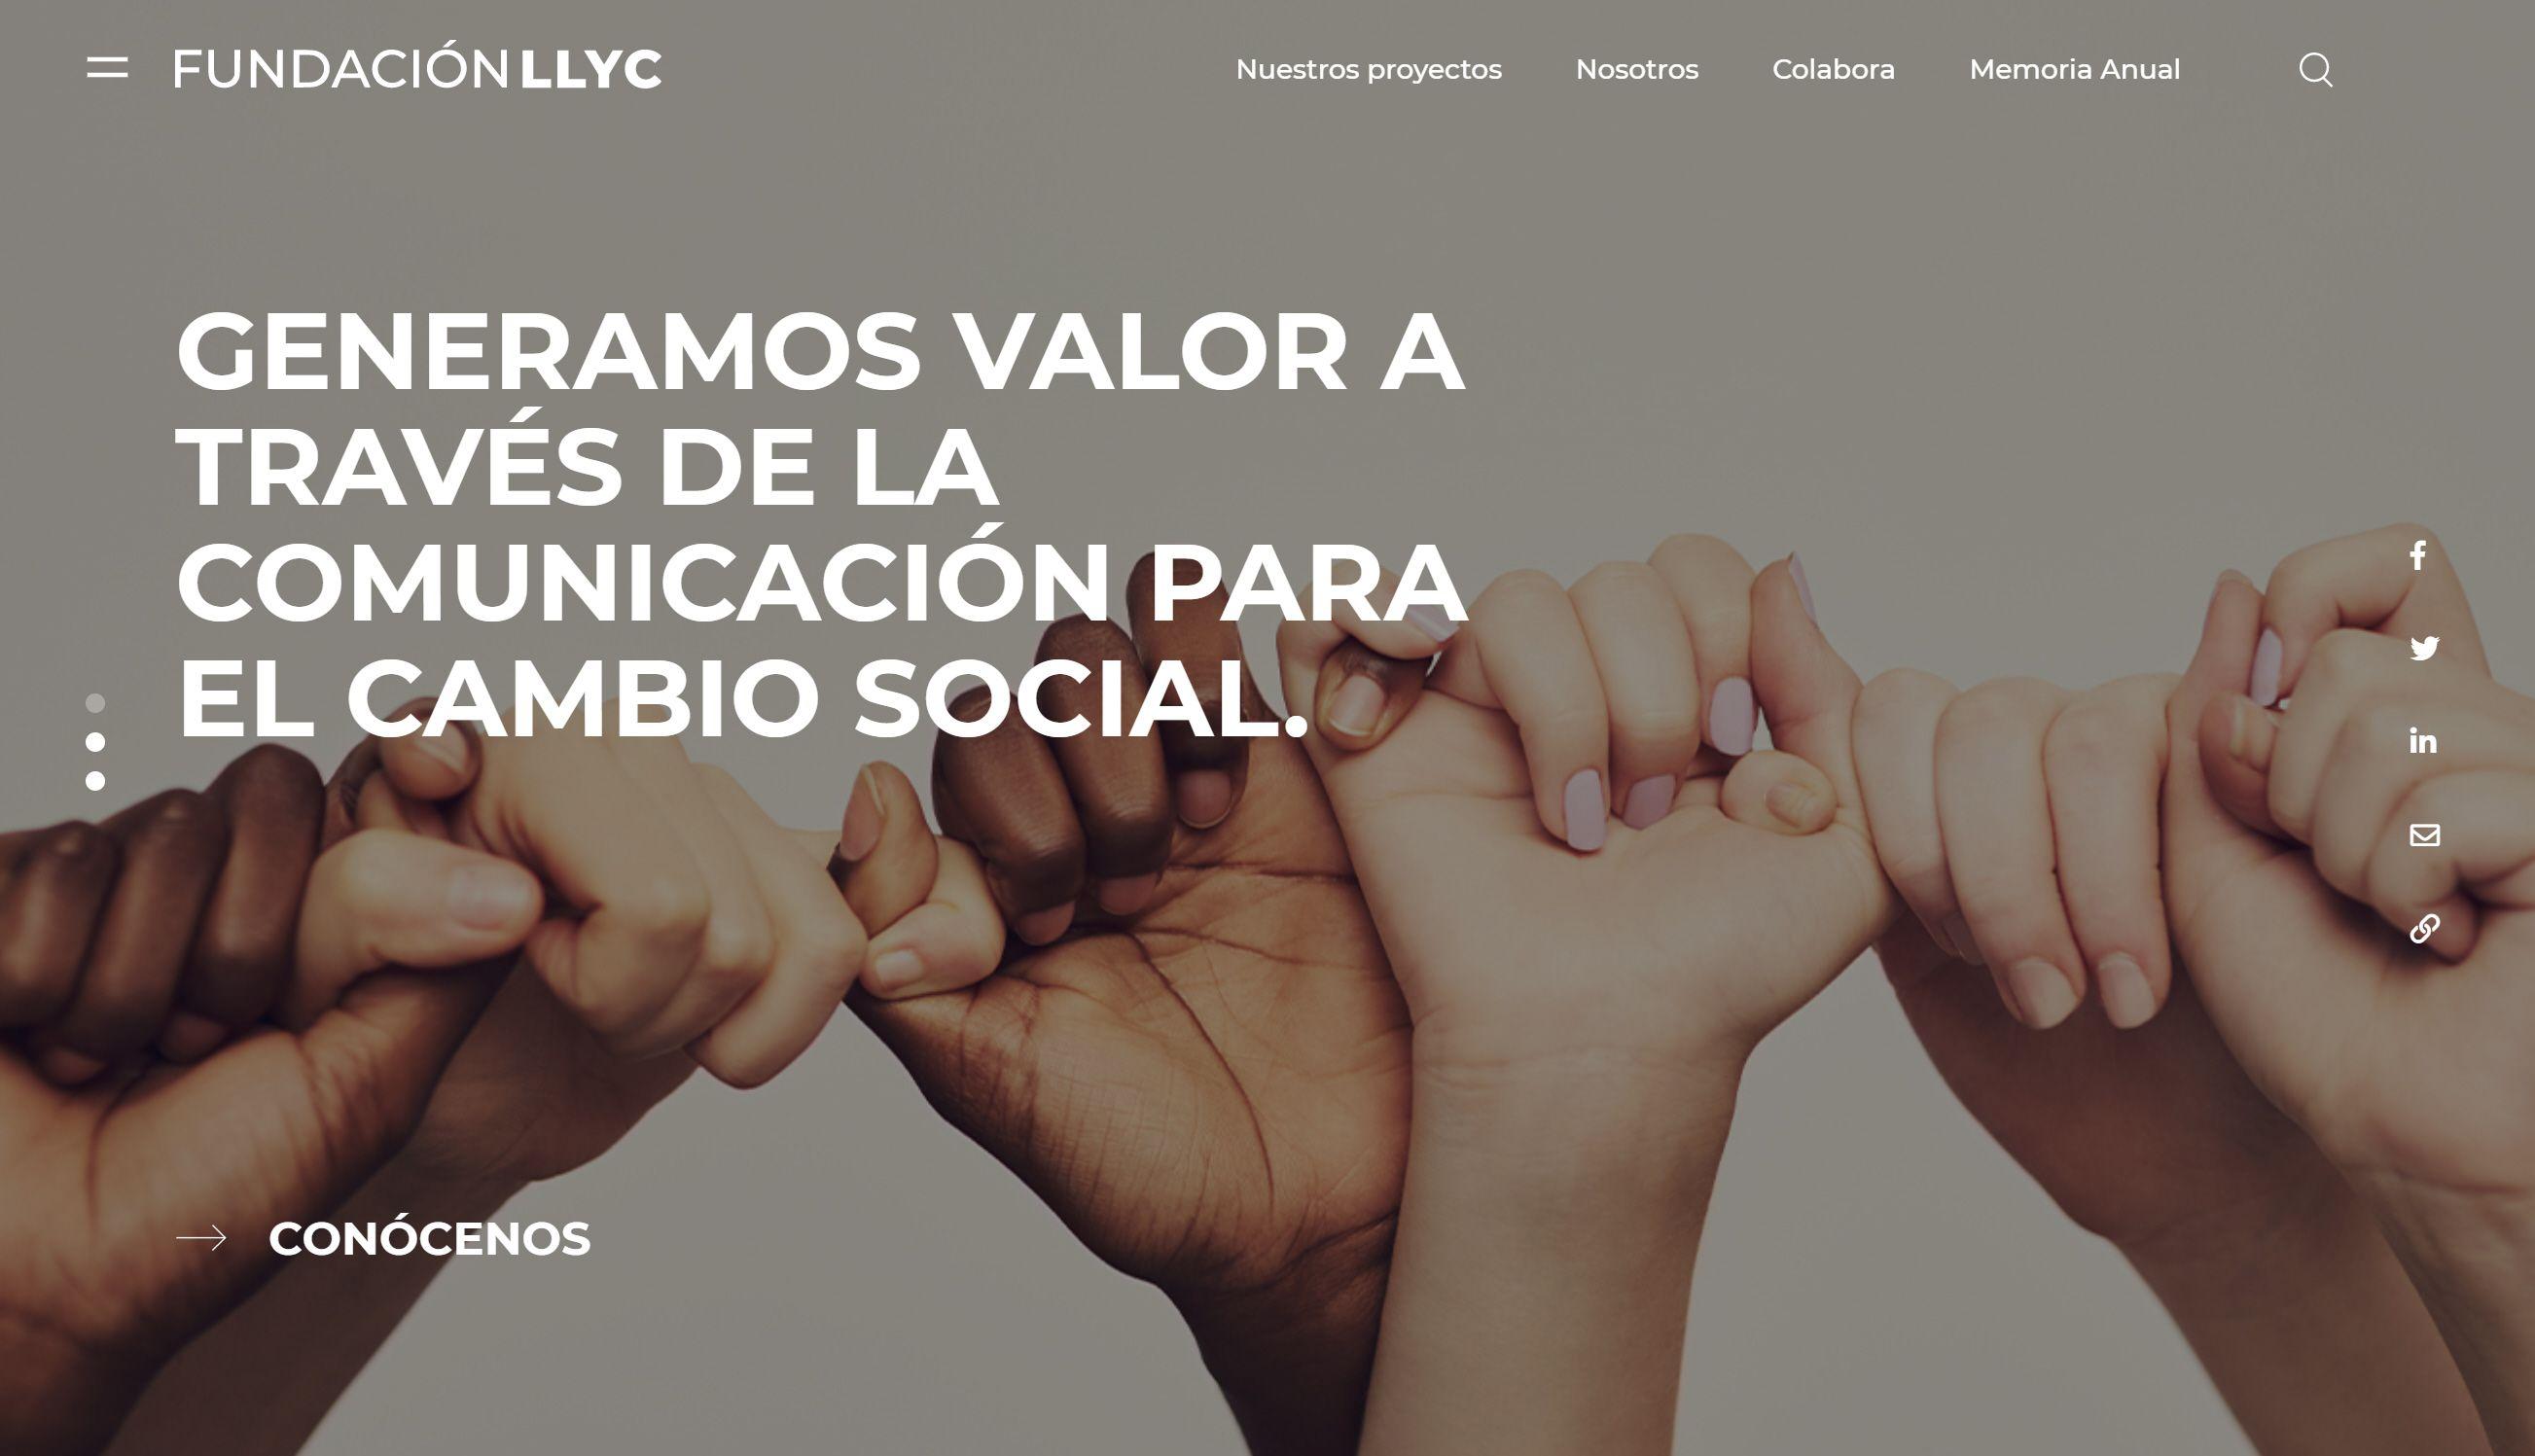 <p><strong>Fundaci&oacute;n LLYC lanza su nueva web y presenta su memoria anual</strong></p>